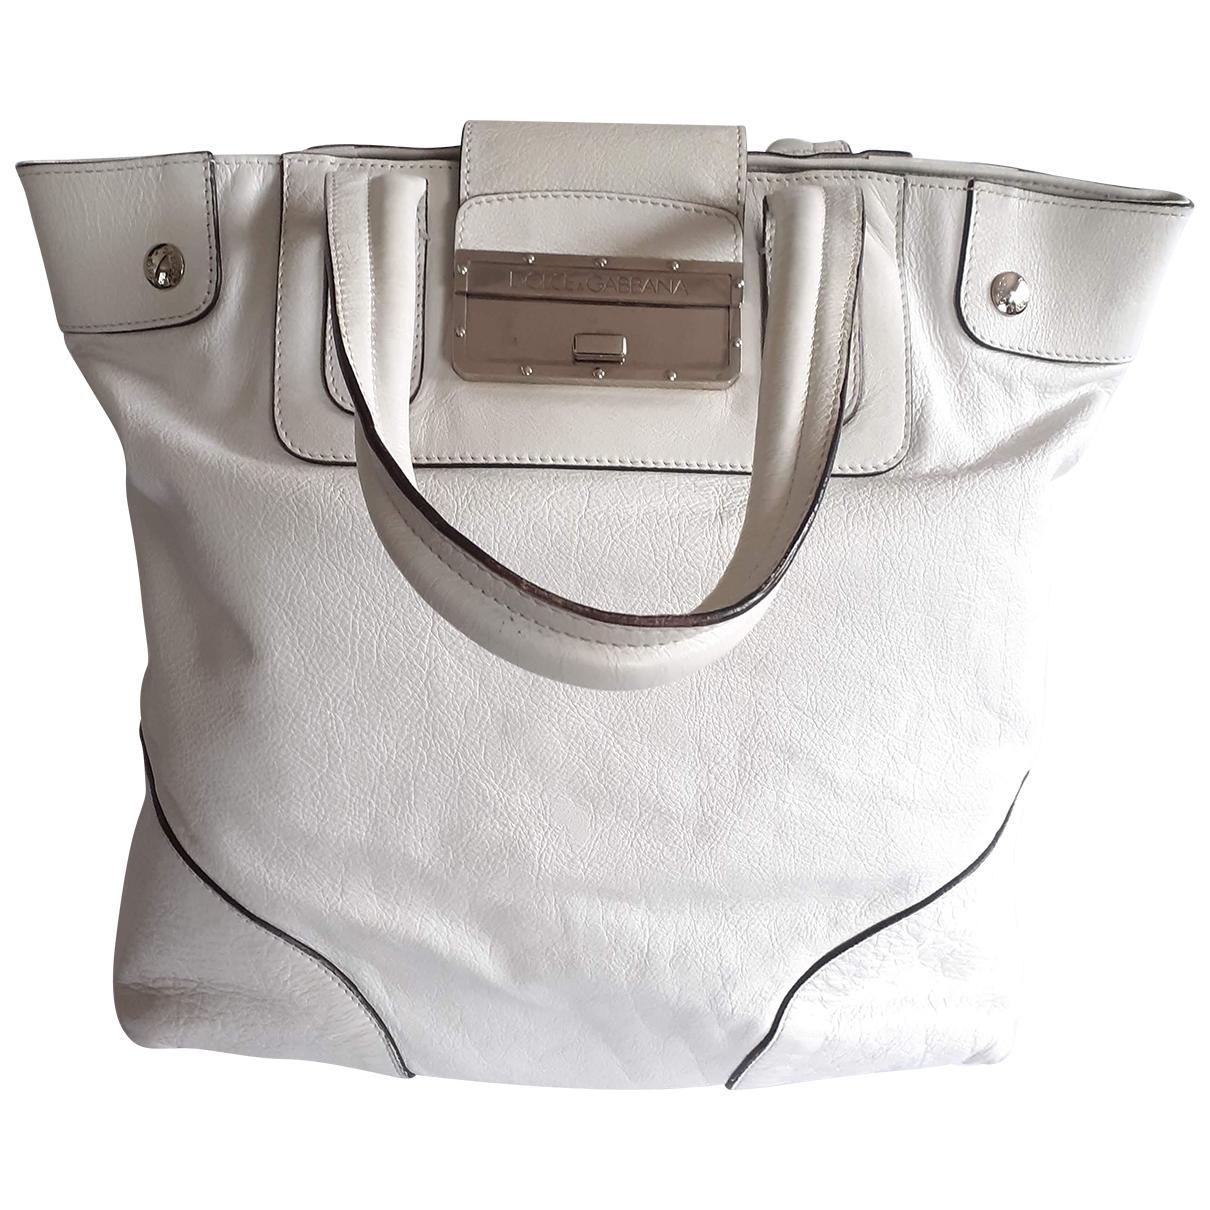 Dolce & Gabbana \N White Leather handbag for Women \N